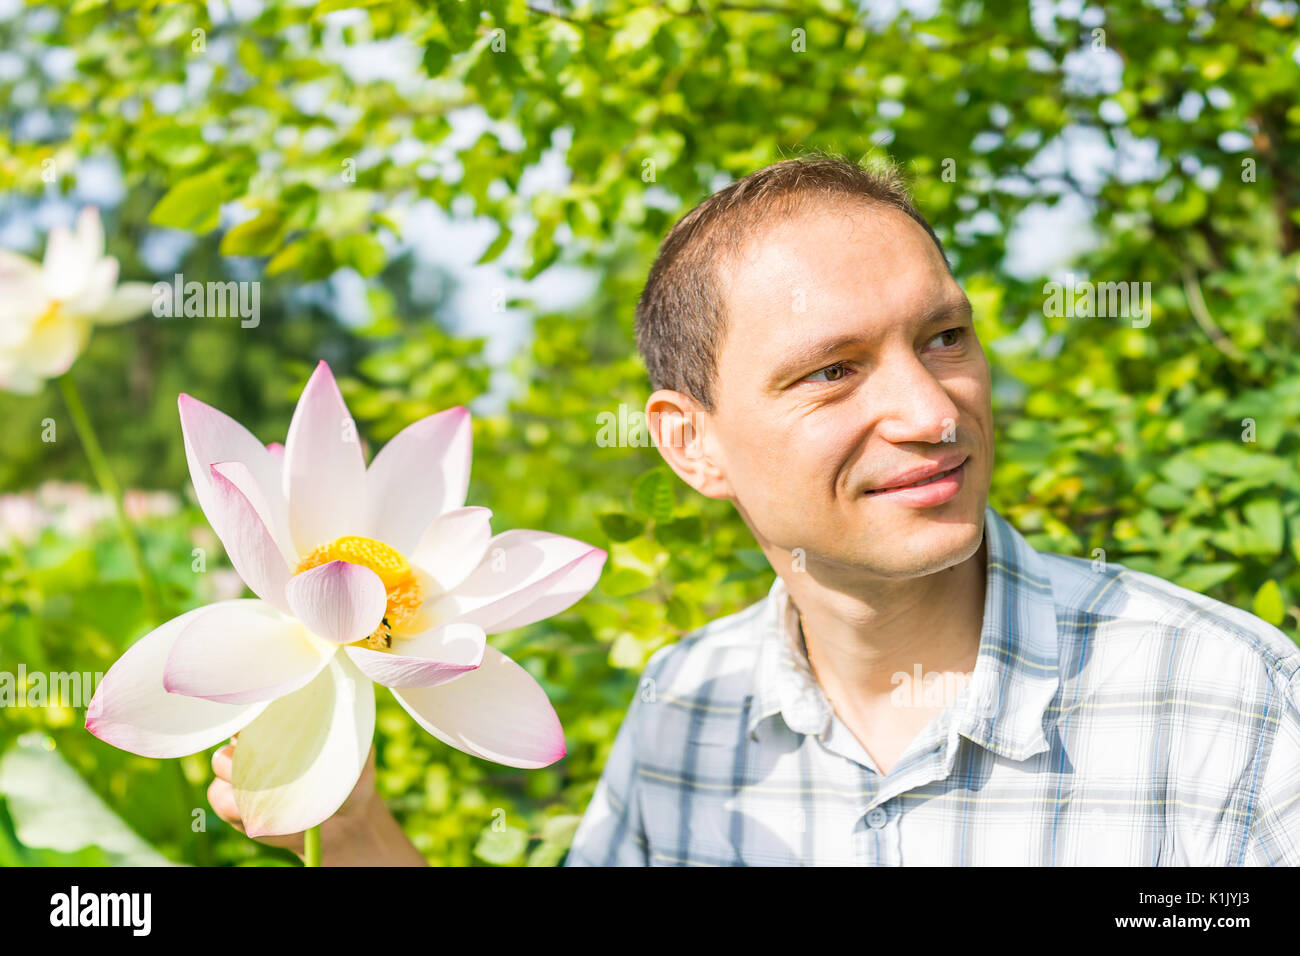 Closeup Ritratto di giovane uomo sorridente holding di un bianco luminoso e rosa fiore di loto con giallo seedpod interno Immagini Stock